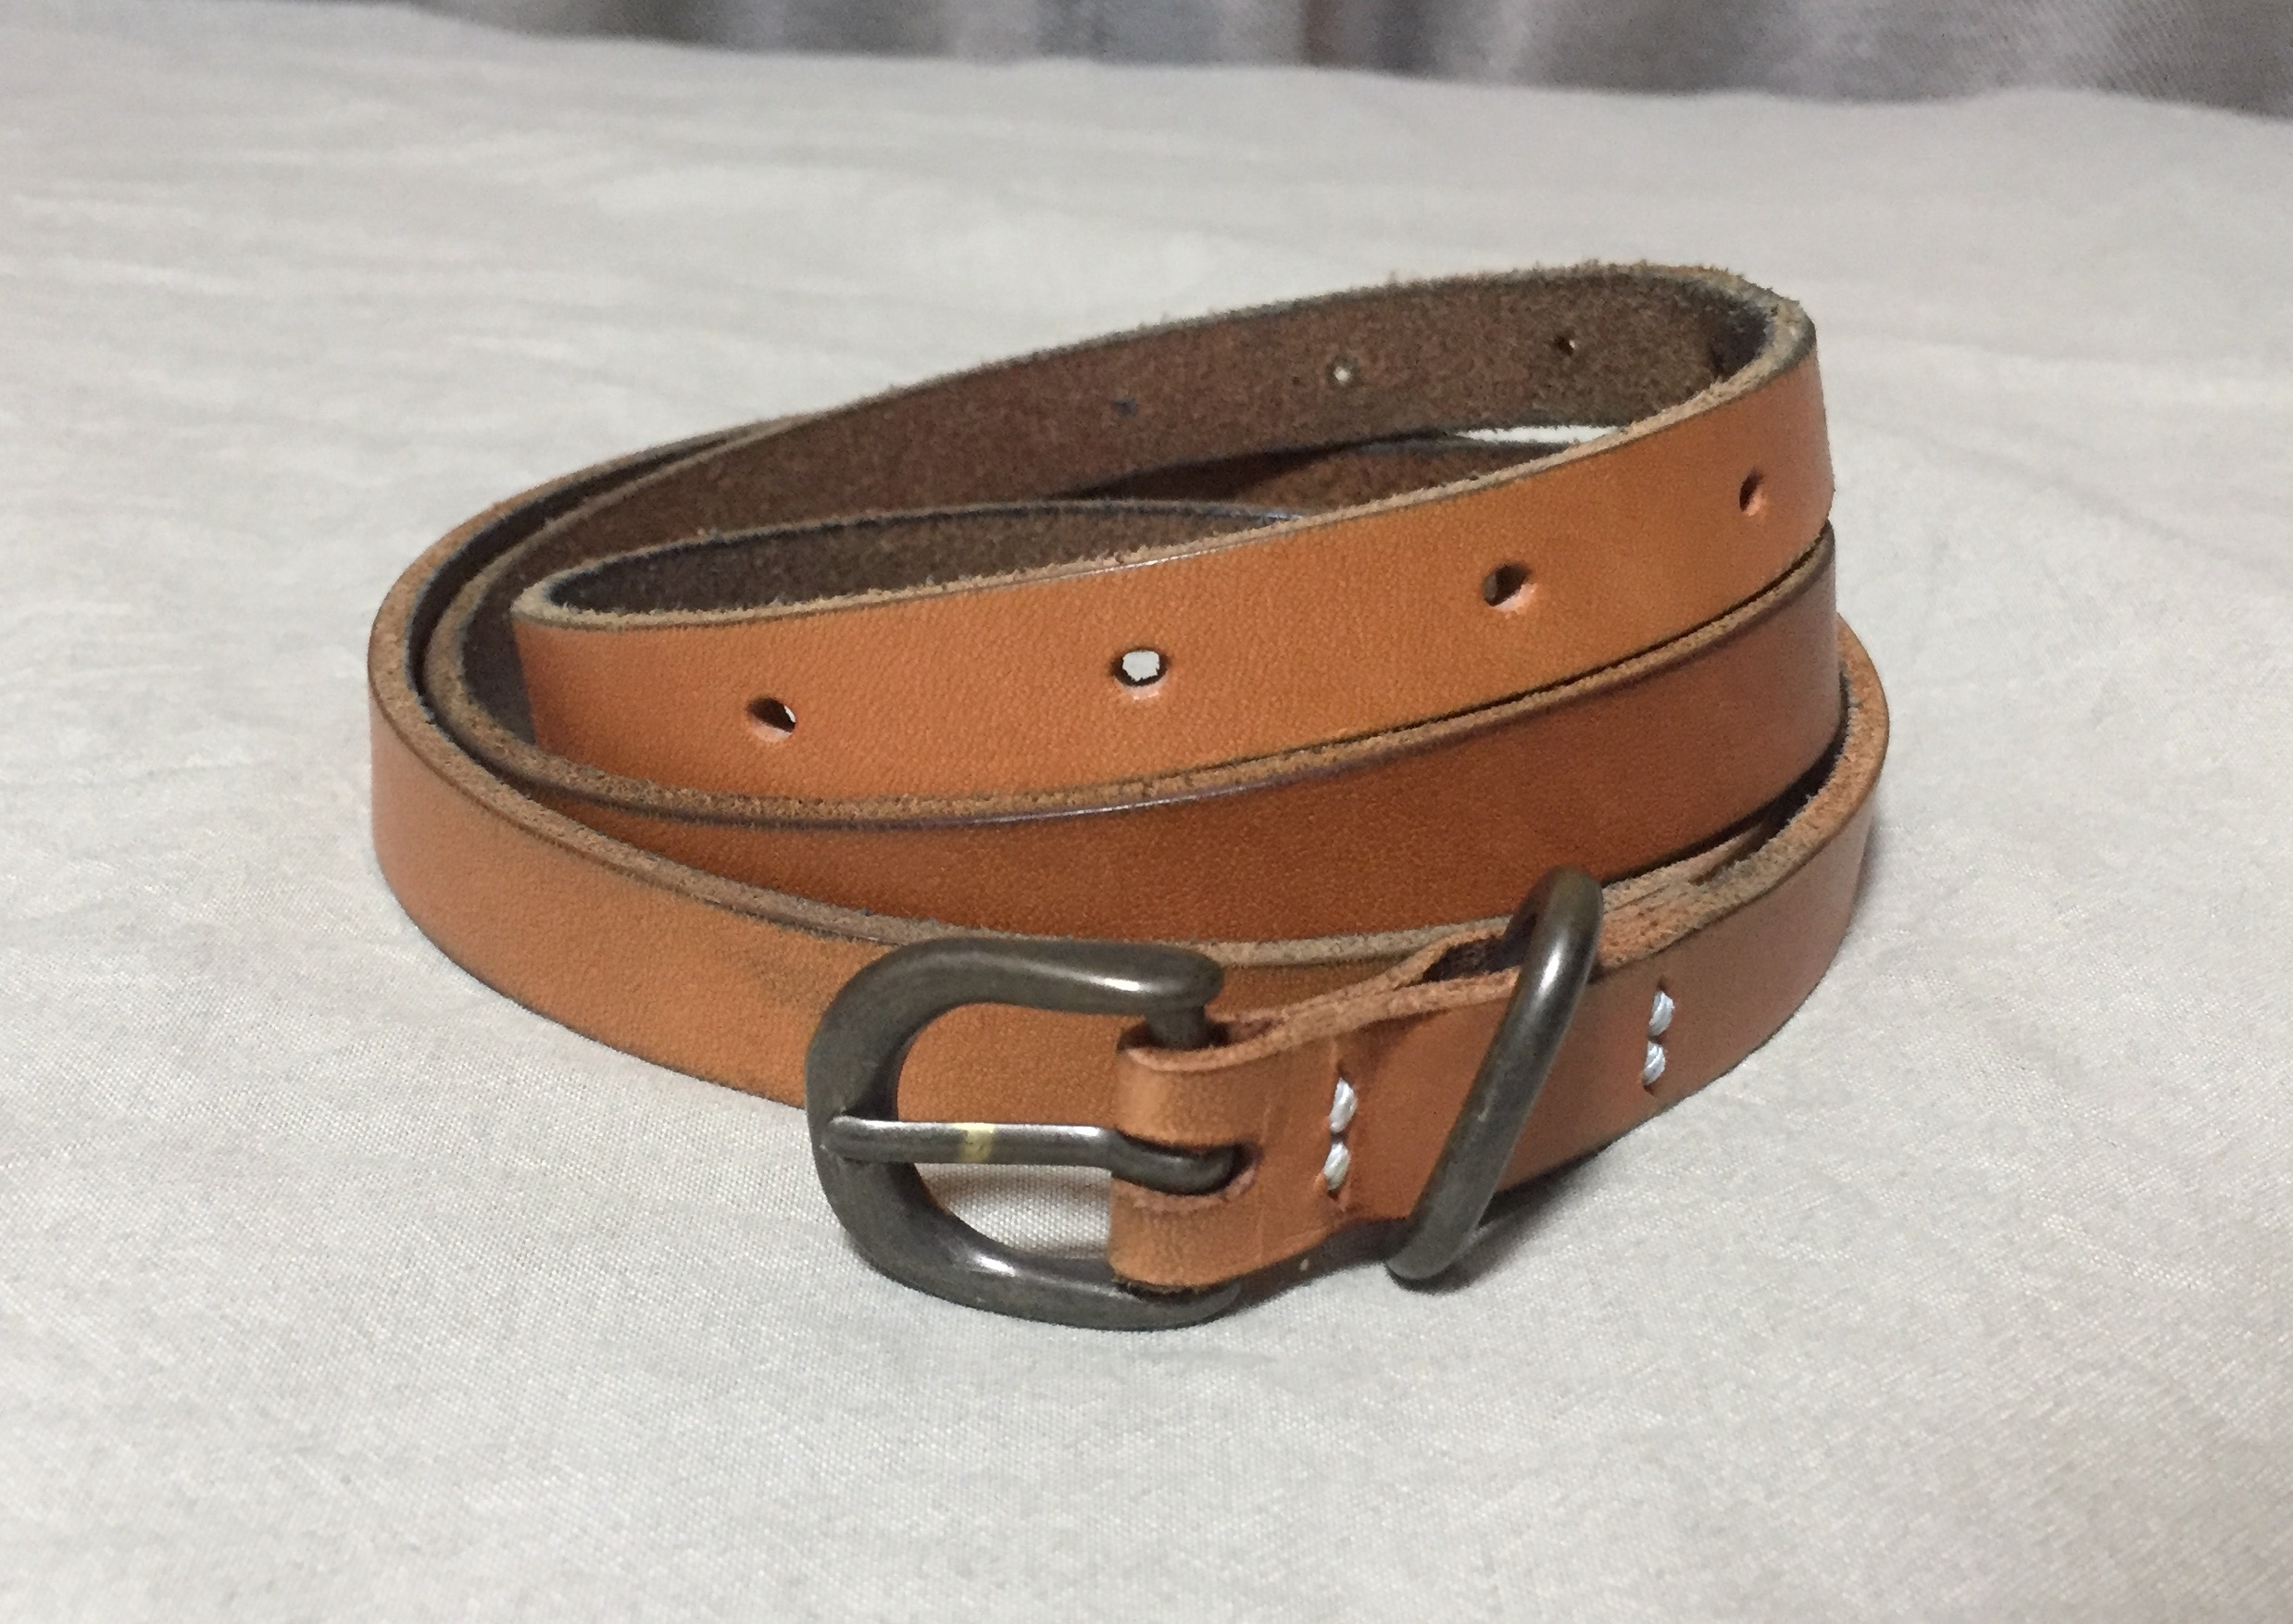 9ヶ月使ったエンダースキーマのベルト(tail belt)の経年変化